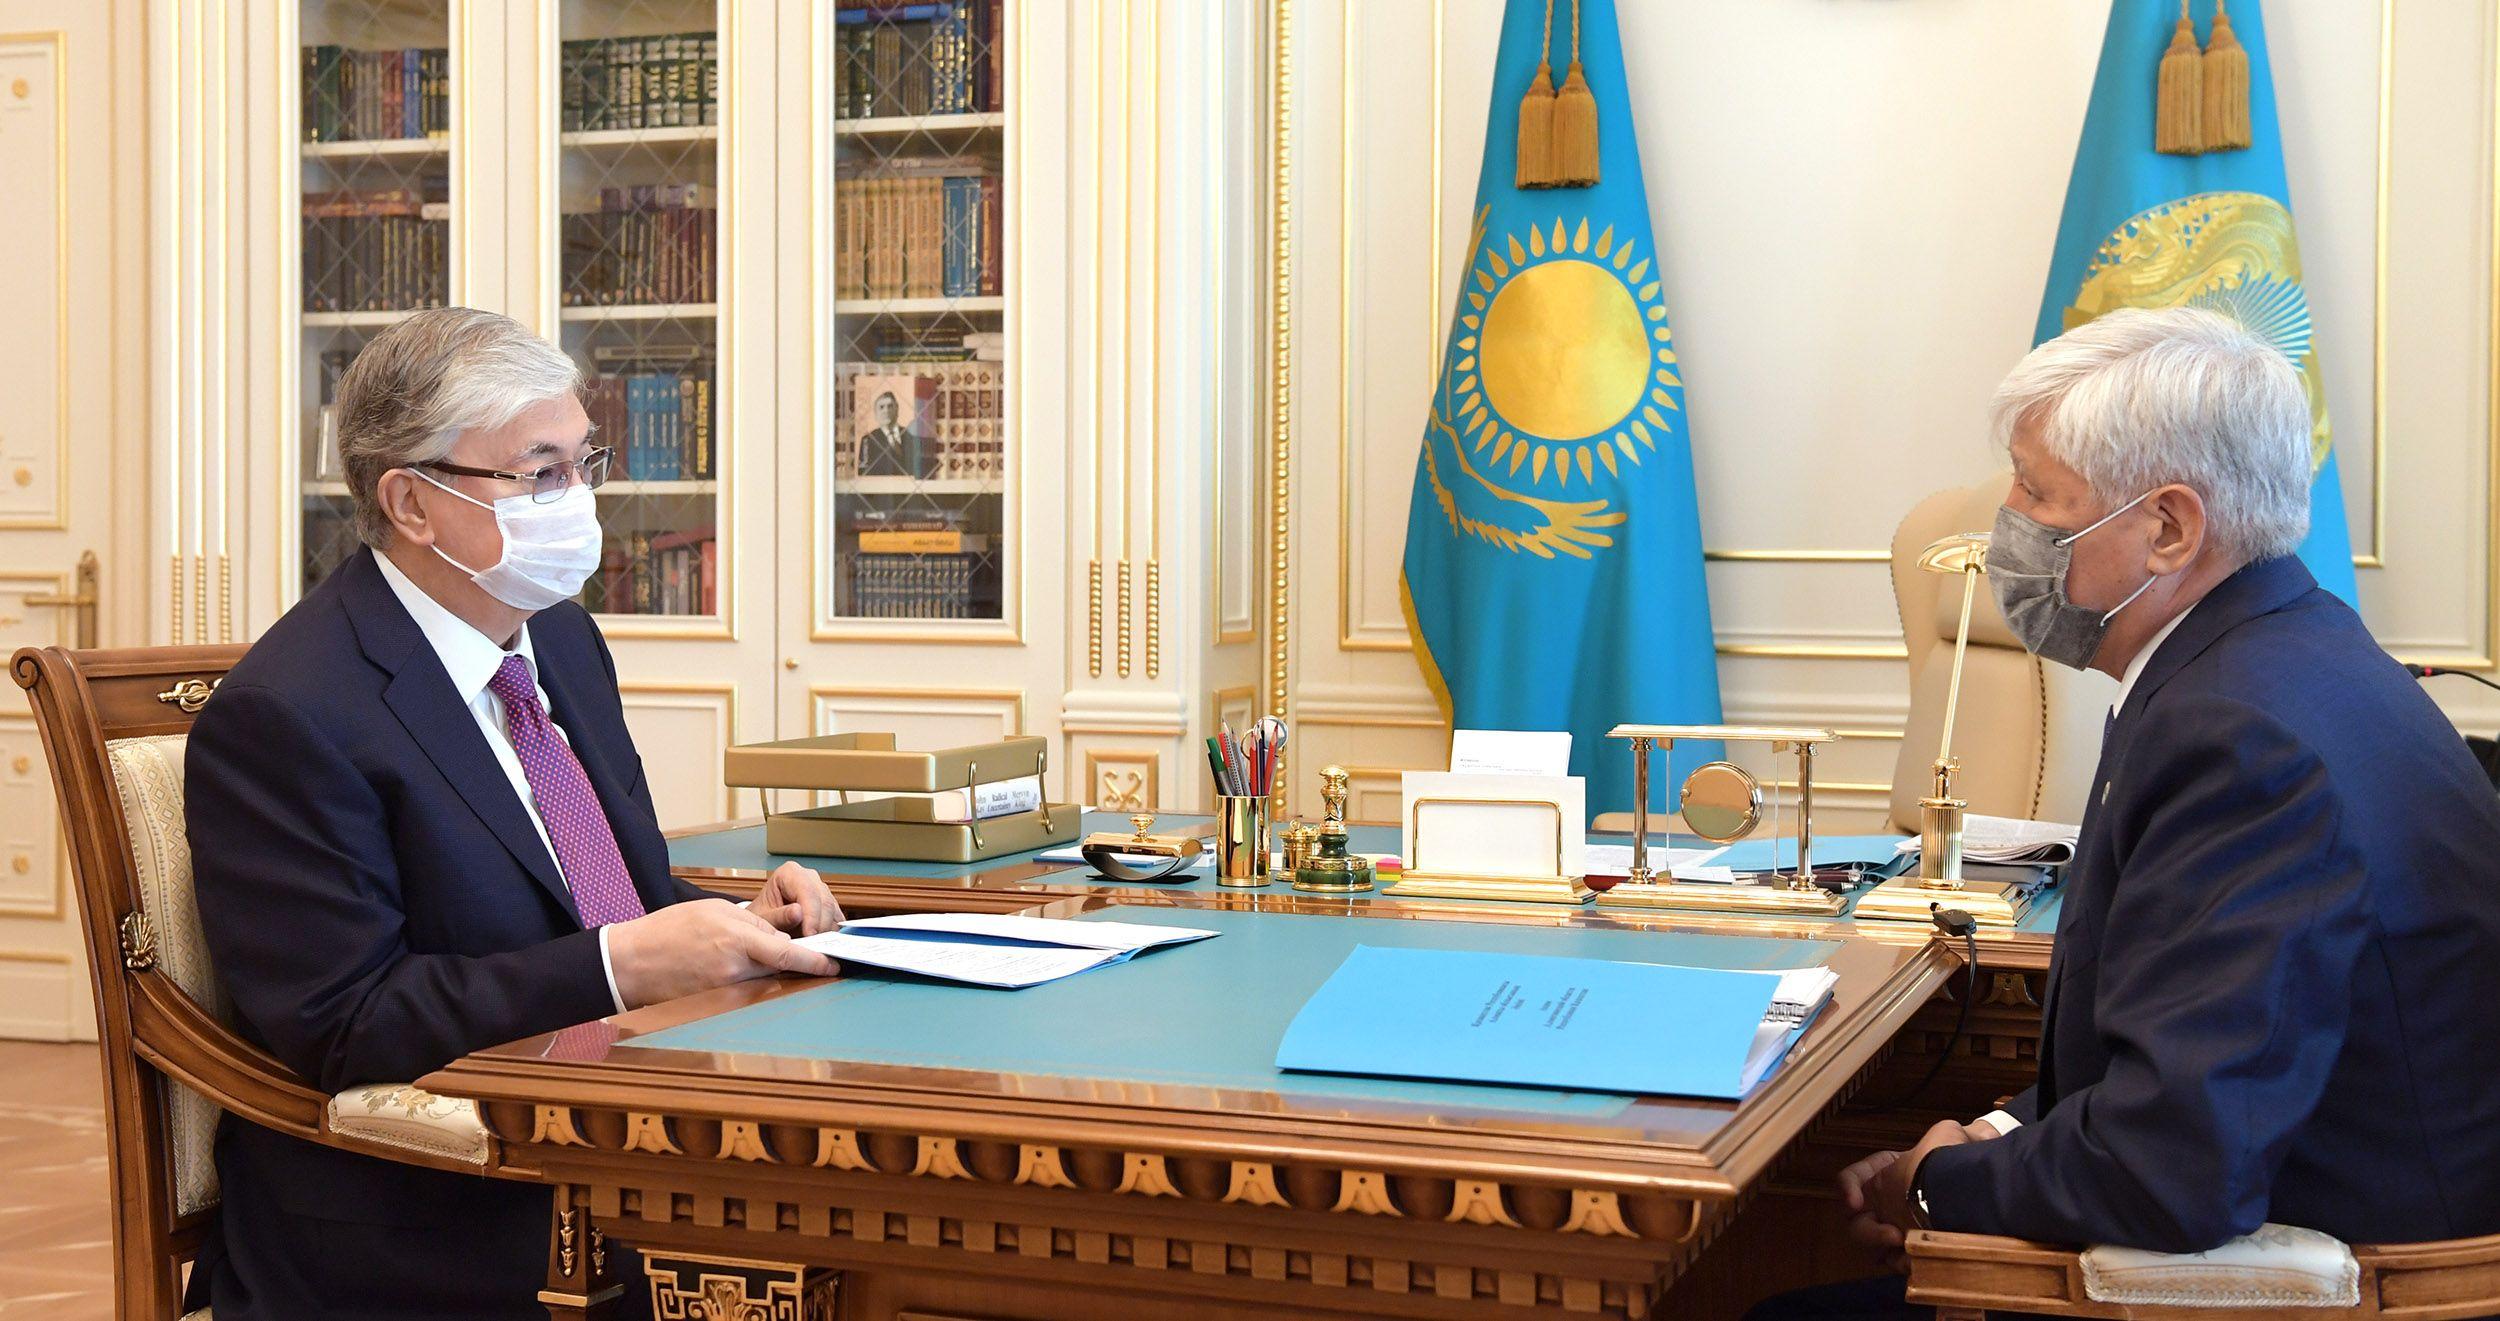 Президент встретился с акимами Алматы и Алматинской области- Kapital.kz